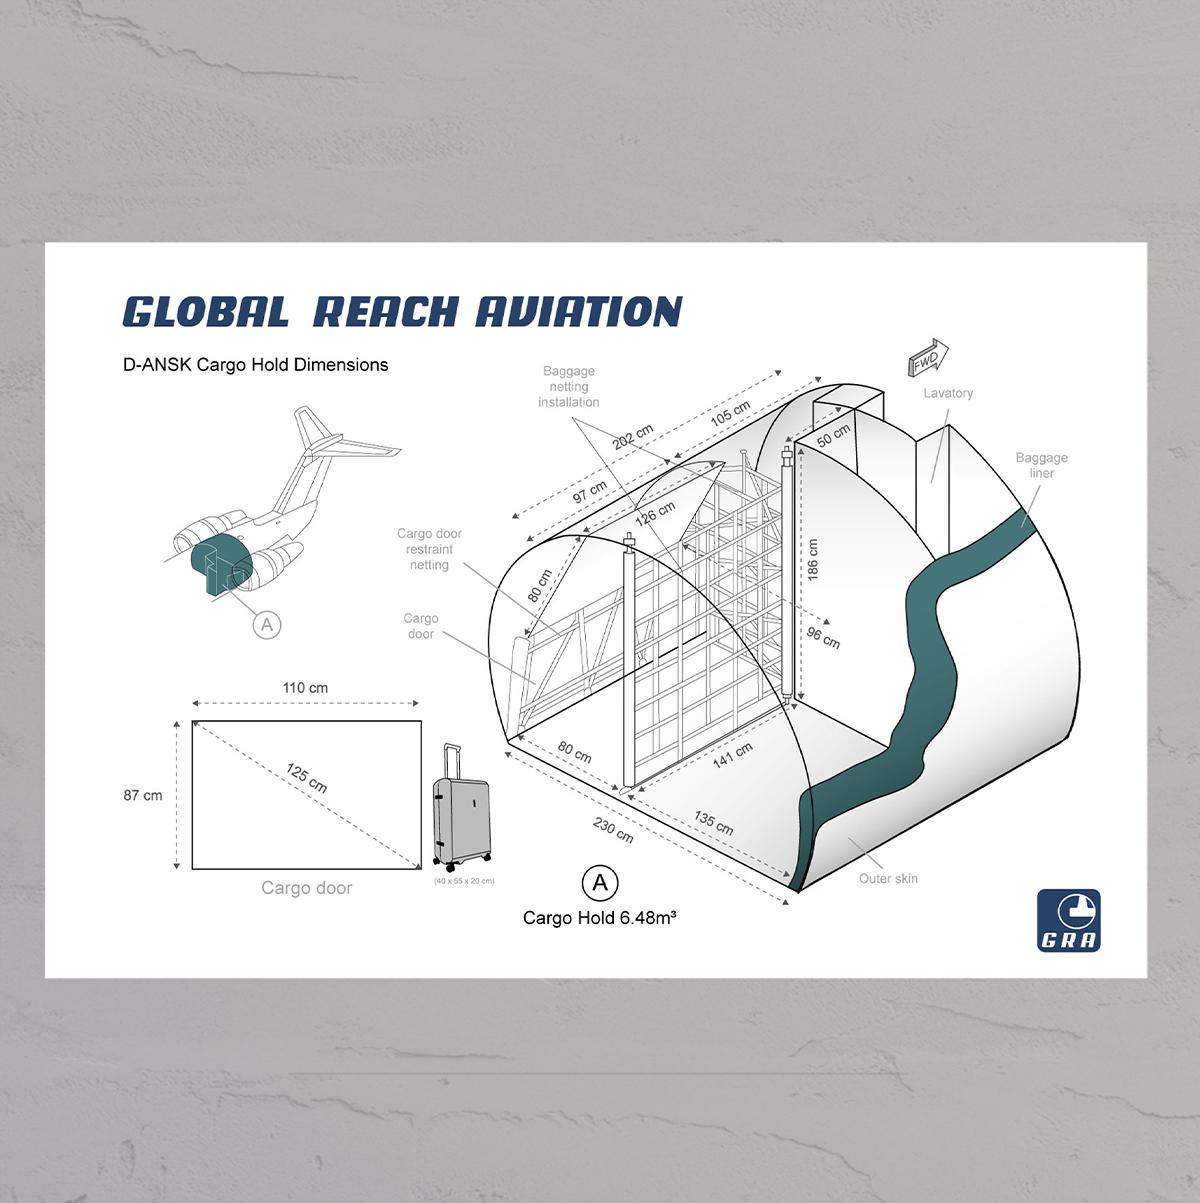 Tekniske tegninger af Cargo Hold til Global Reach Aviation lavet af Little Creature Ink